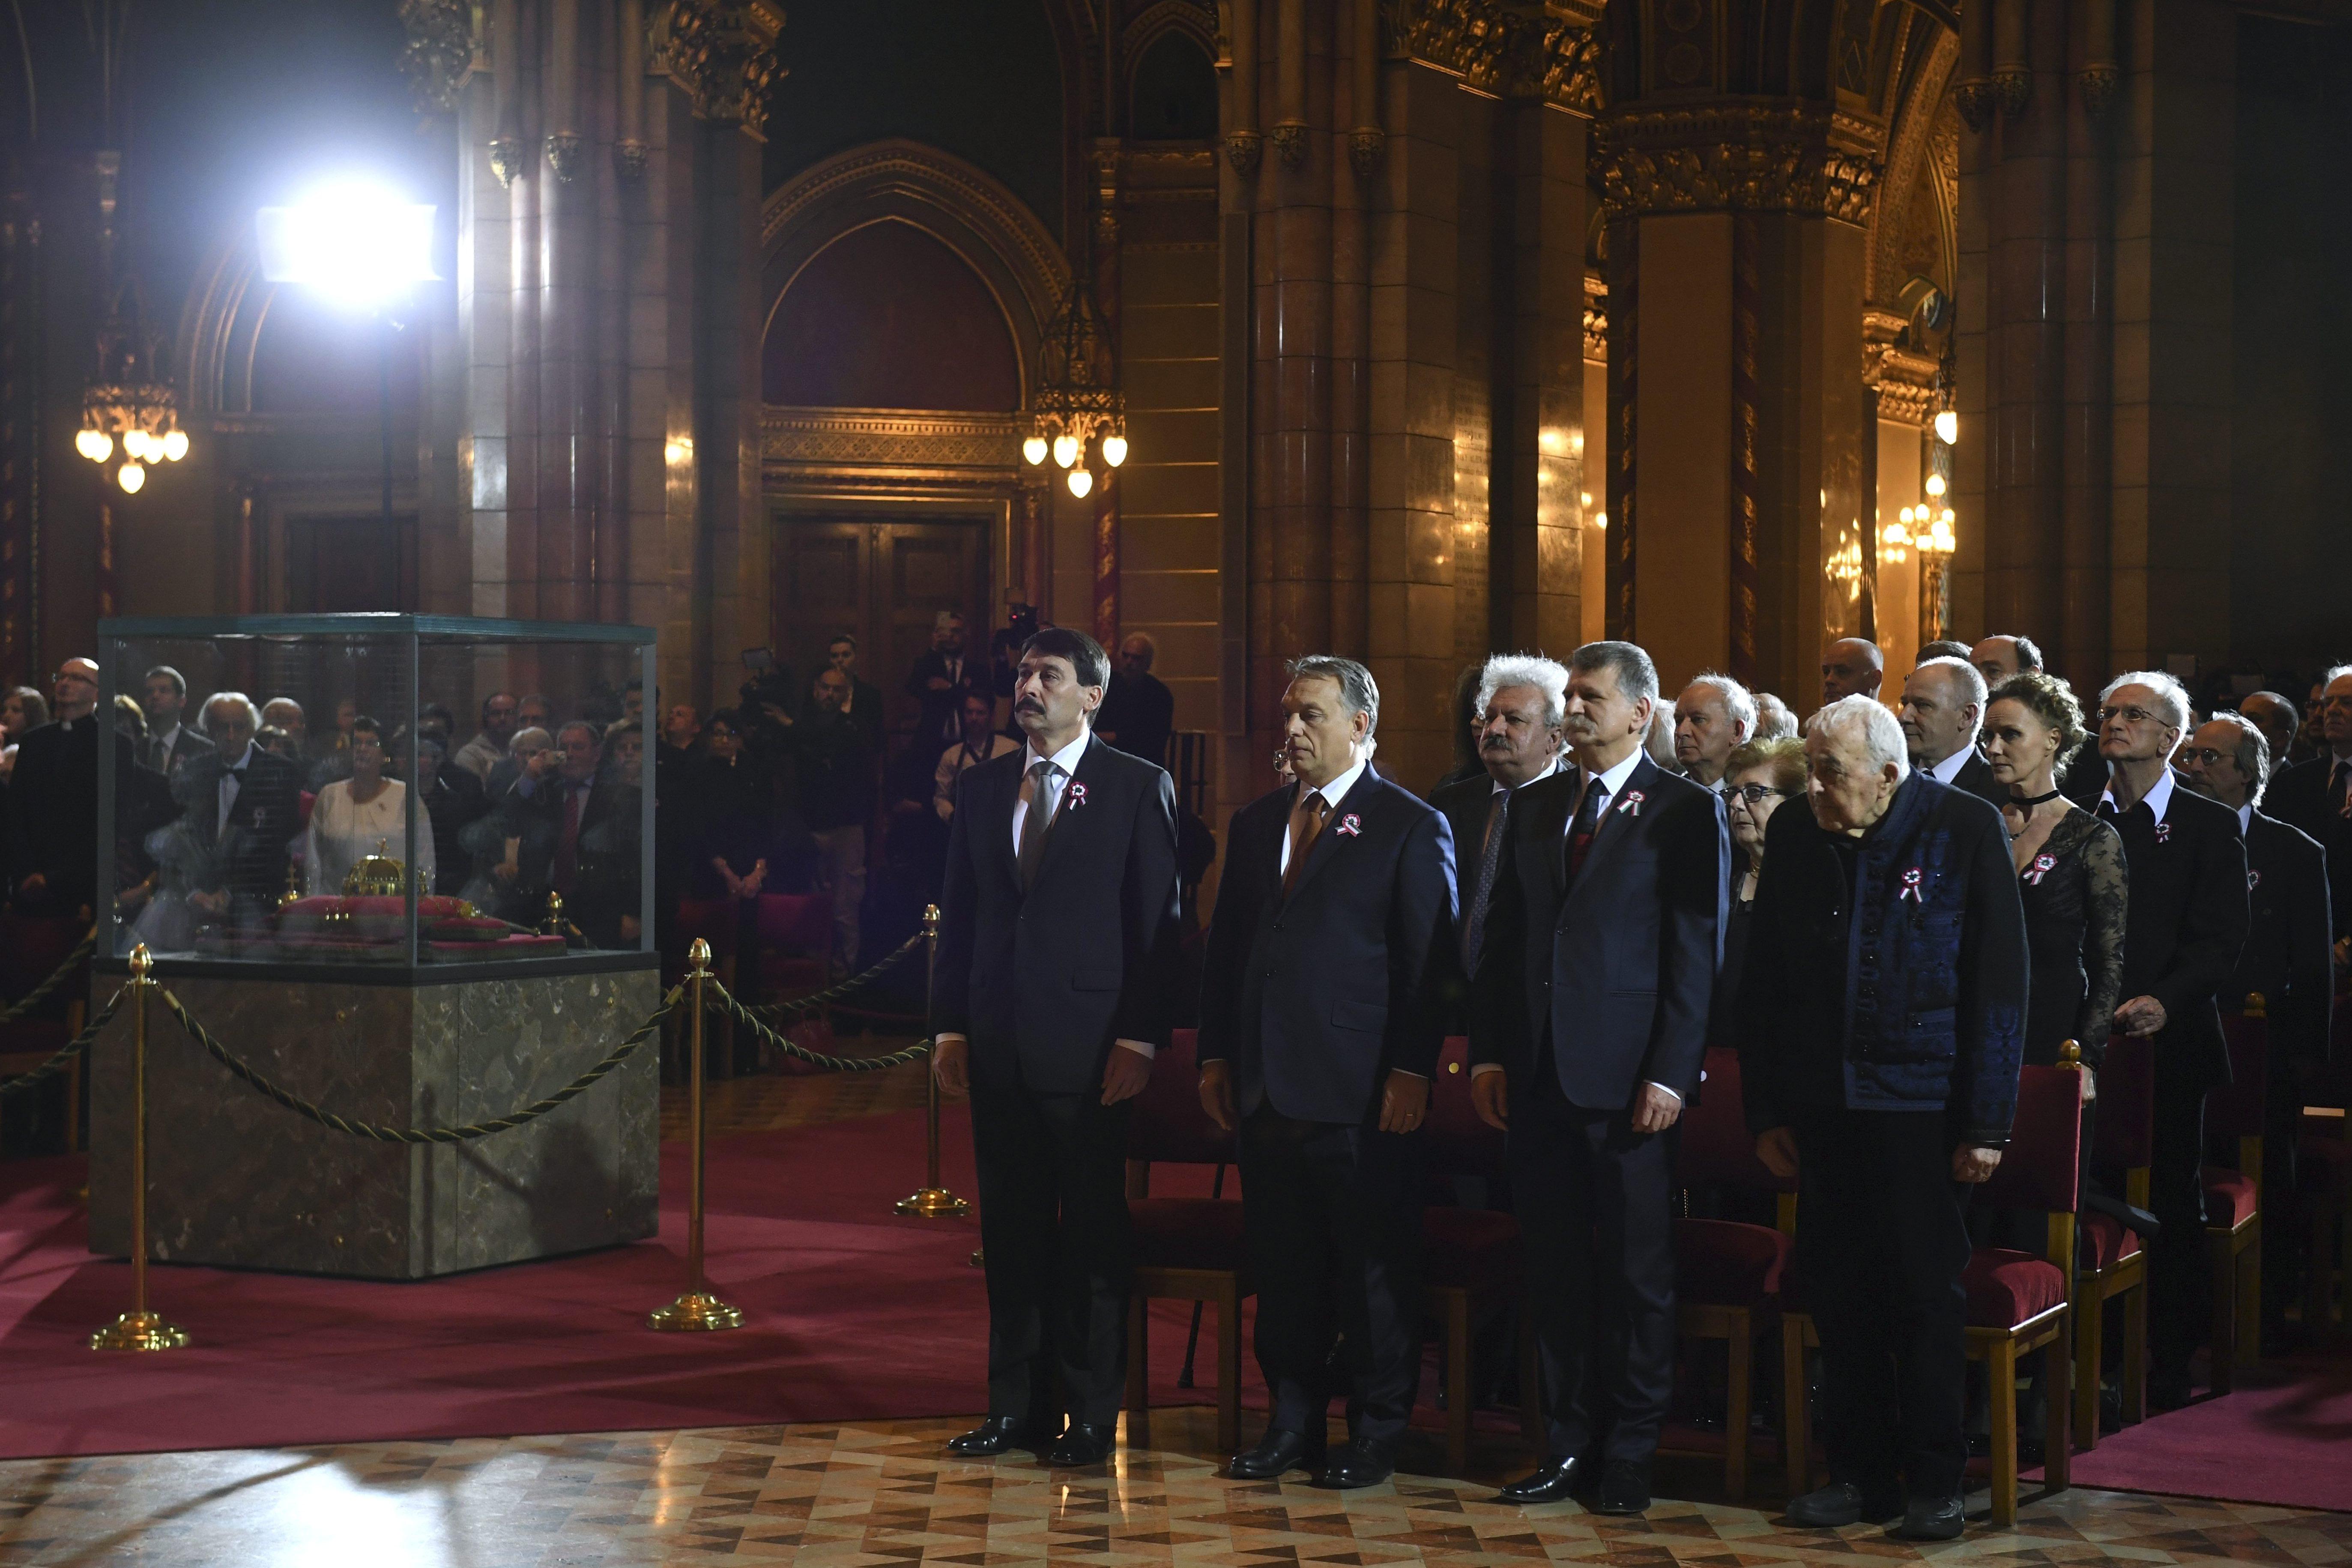 Frenreisz Károly, Nagy-Kálózy Eszter és Tahi-Tóth László is Kossuth-díjat kapott